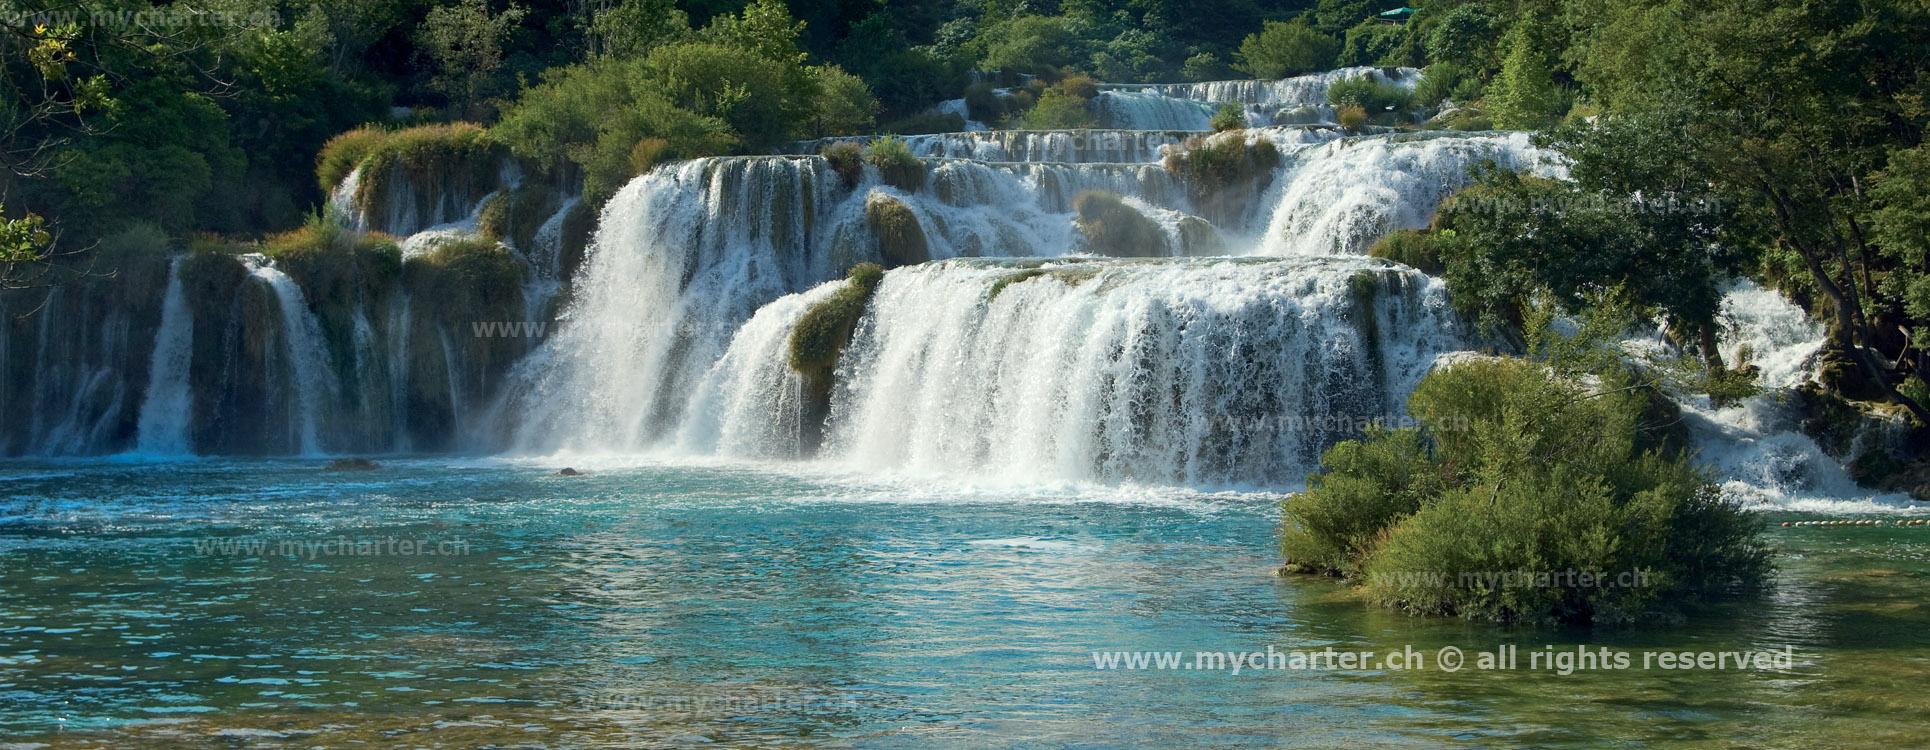 Kroatien - Krka